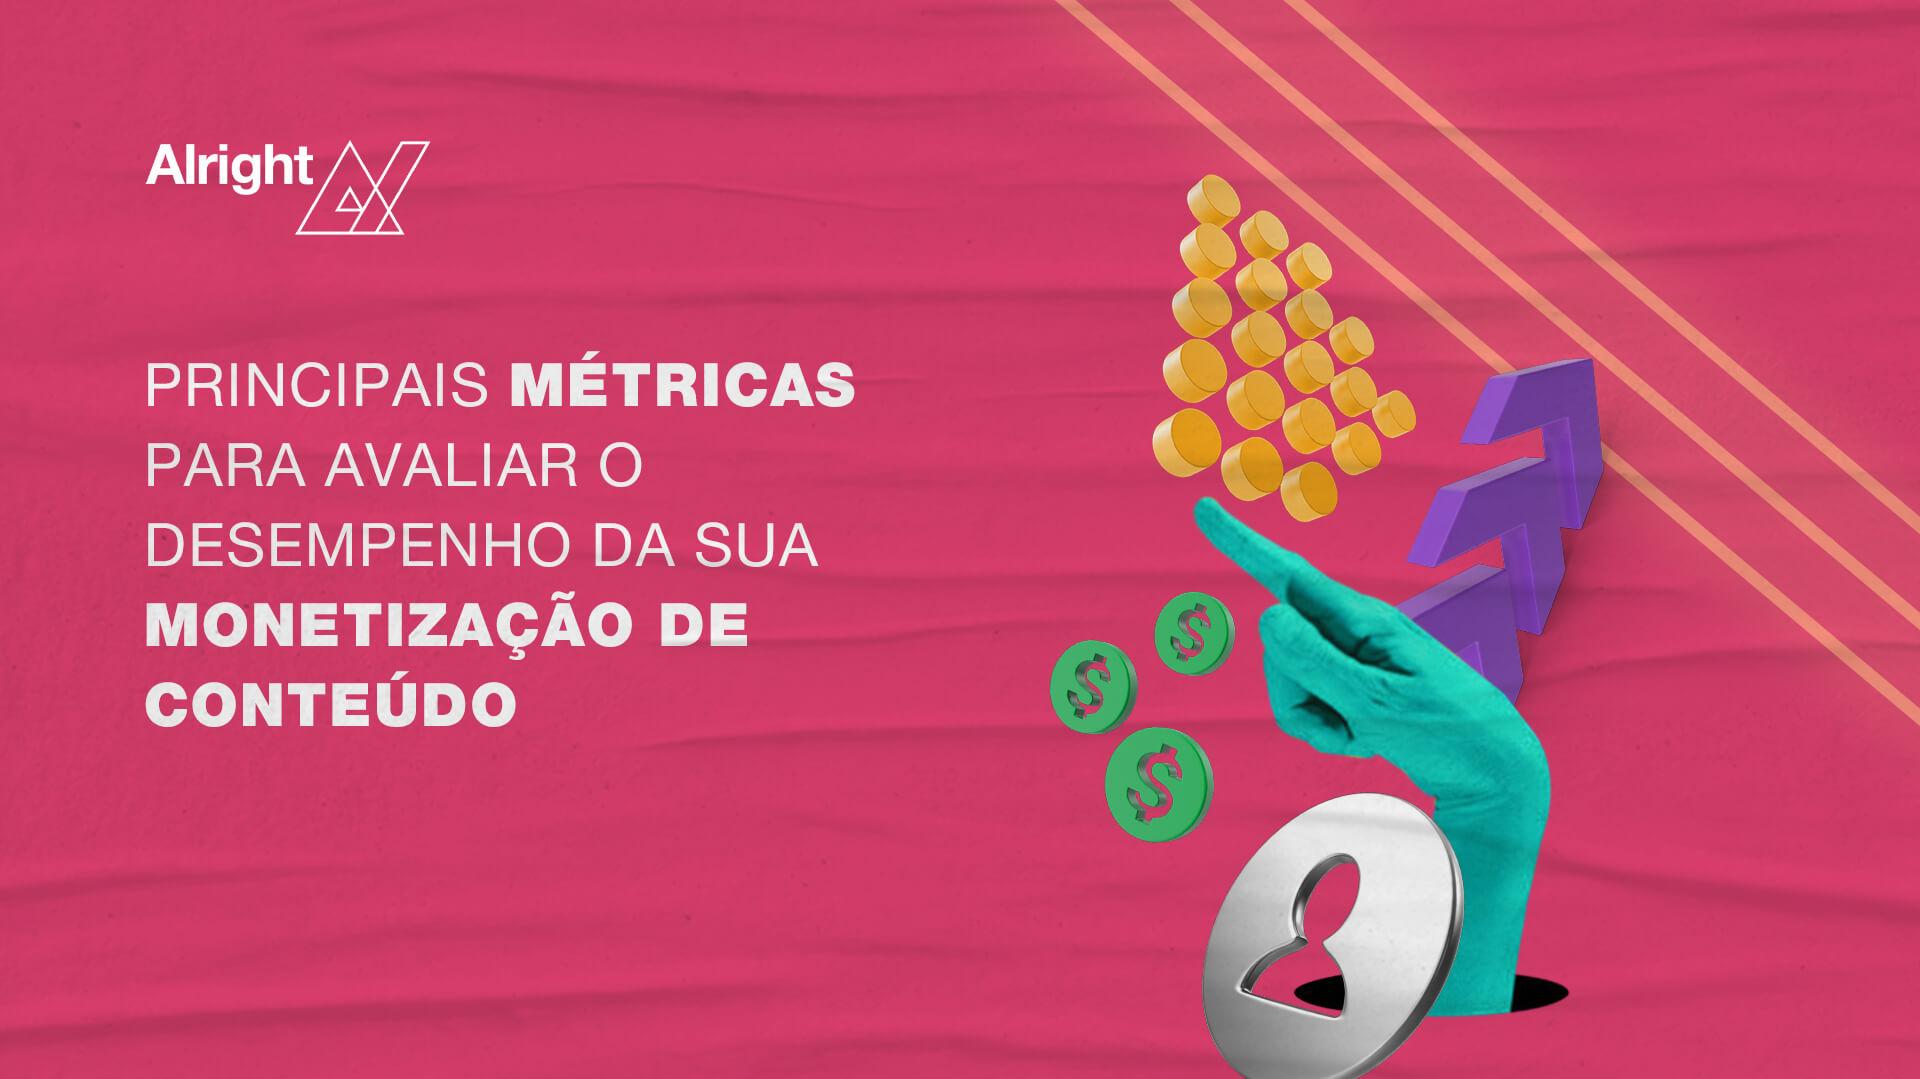 Principais métricas para avaliar o desempenho da sua monetização de conteúdo